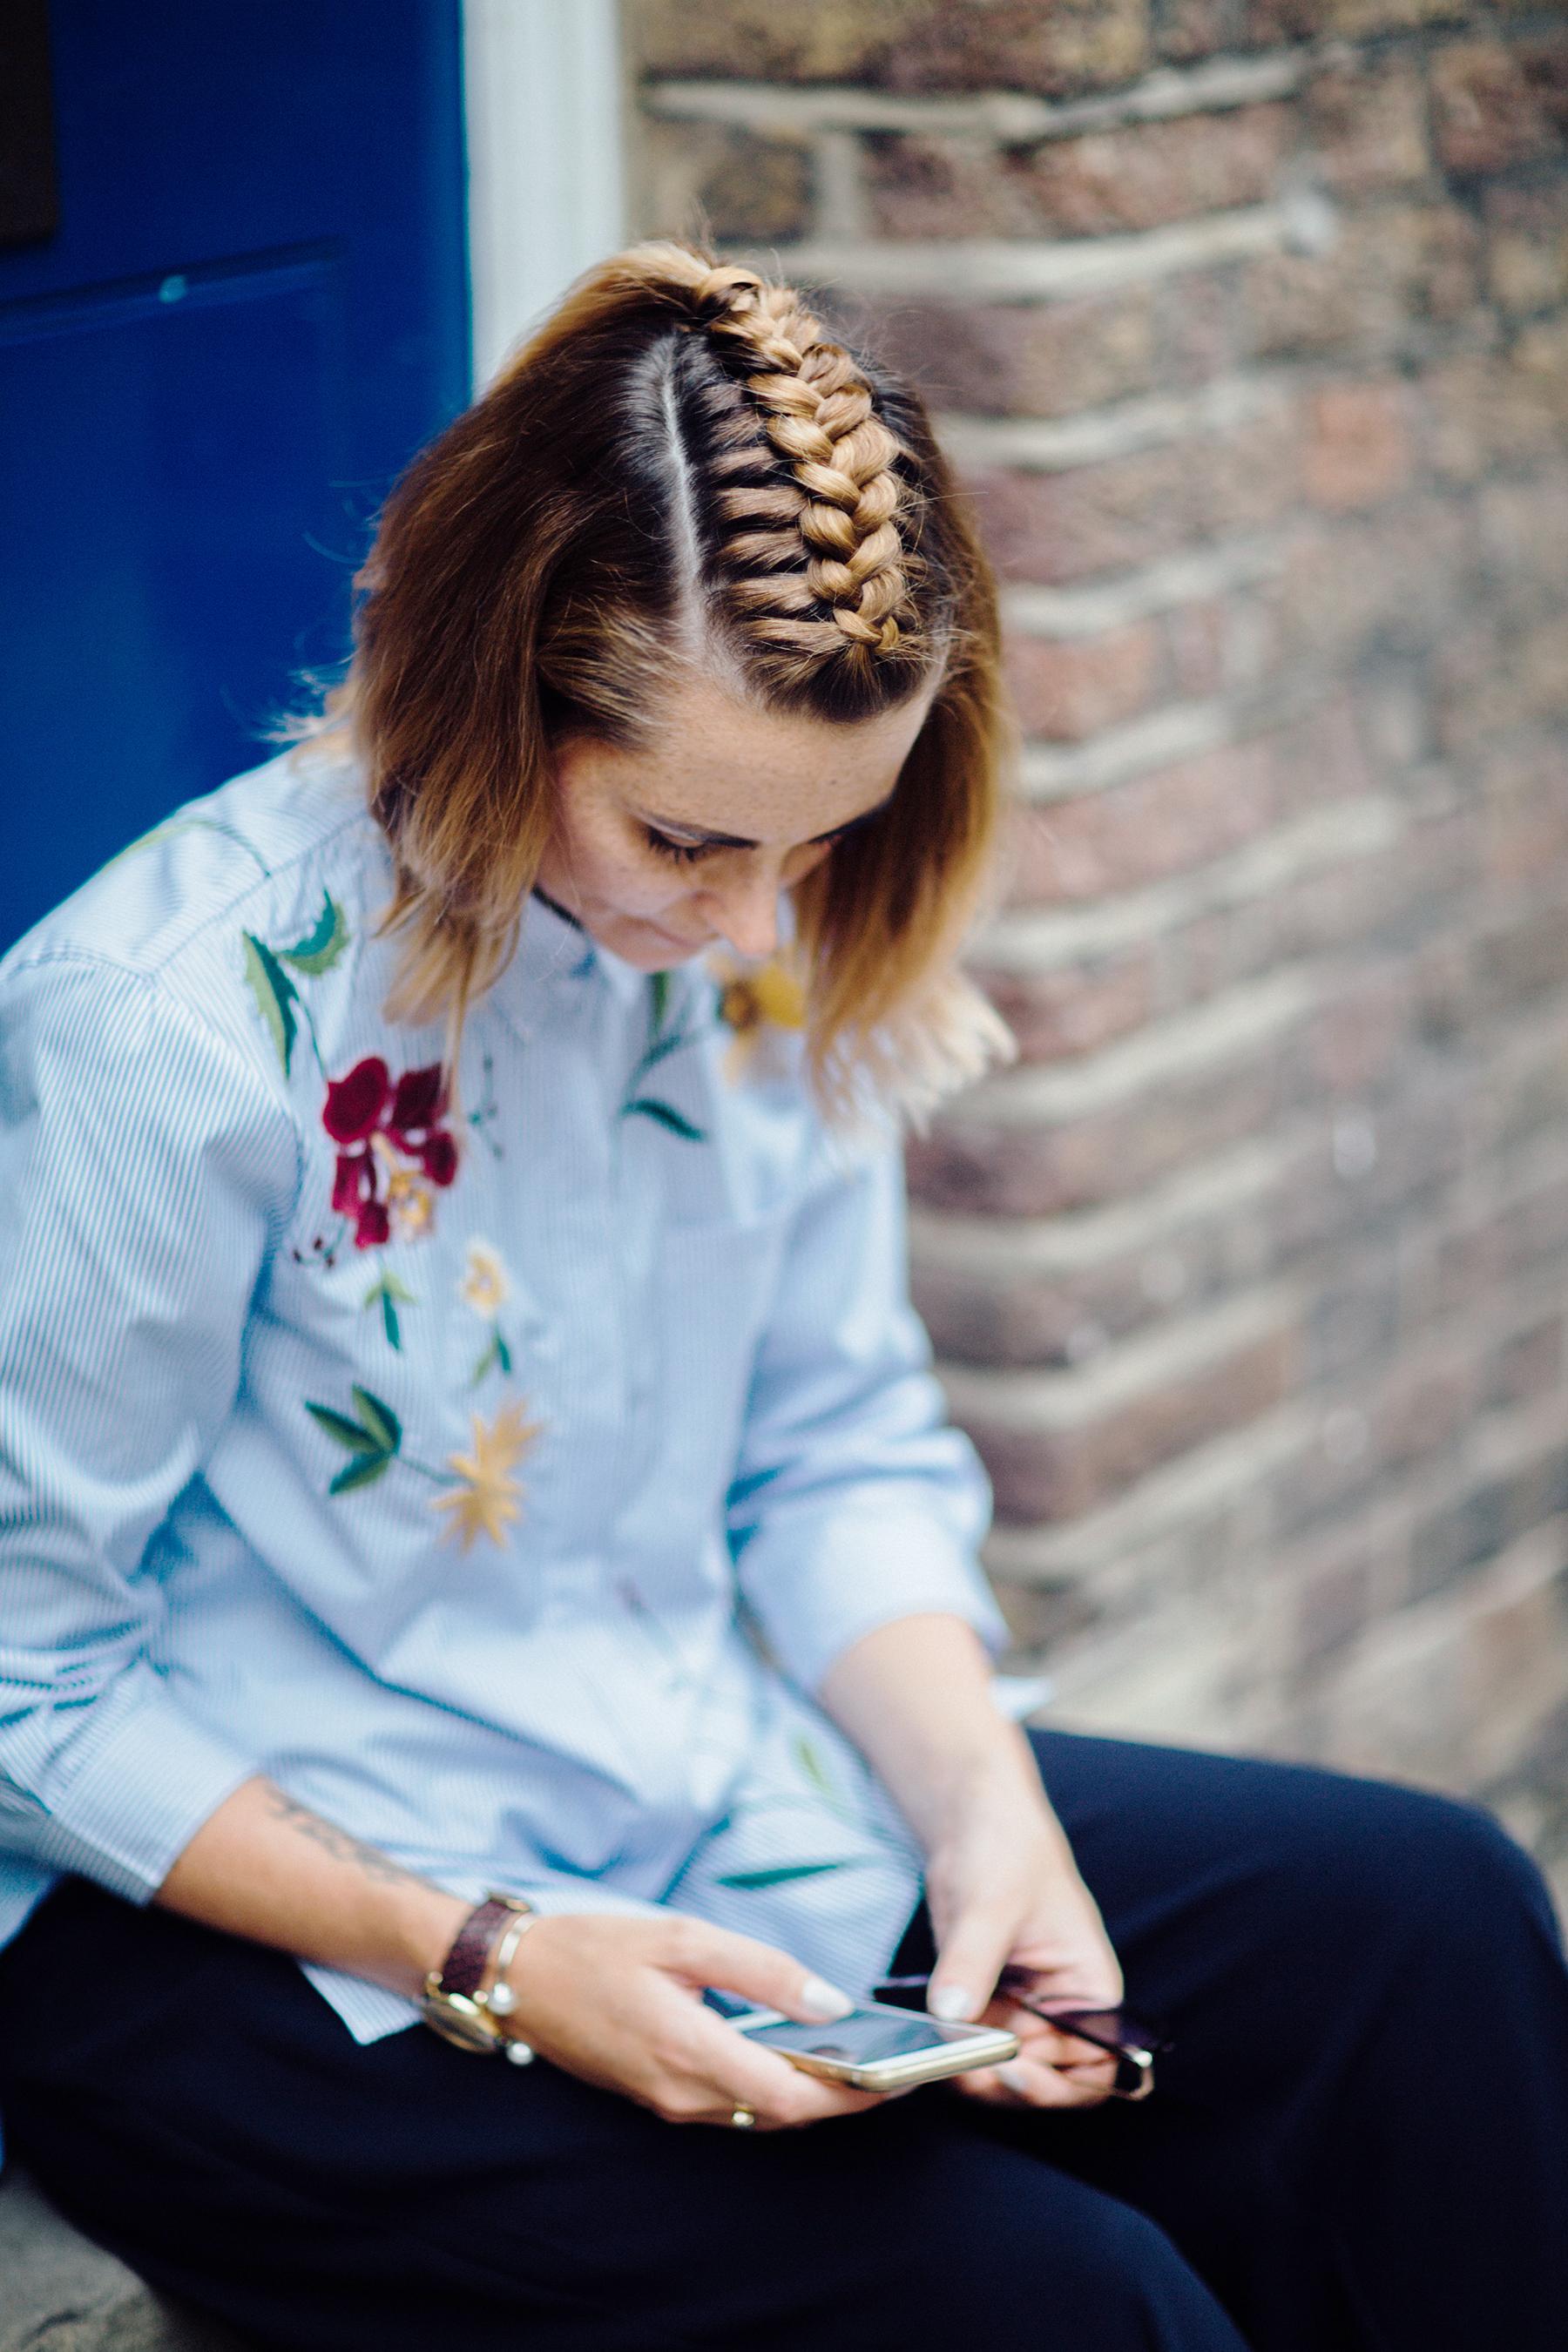 centre plait braided hair